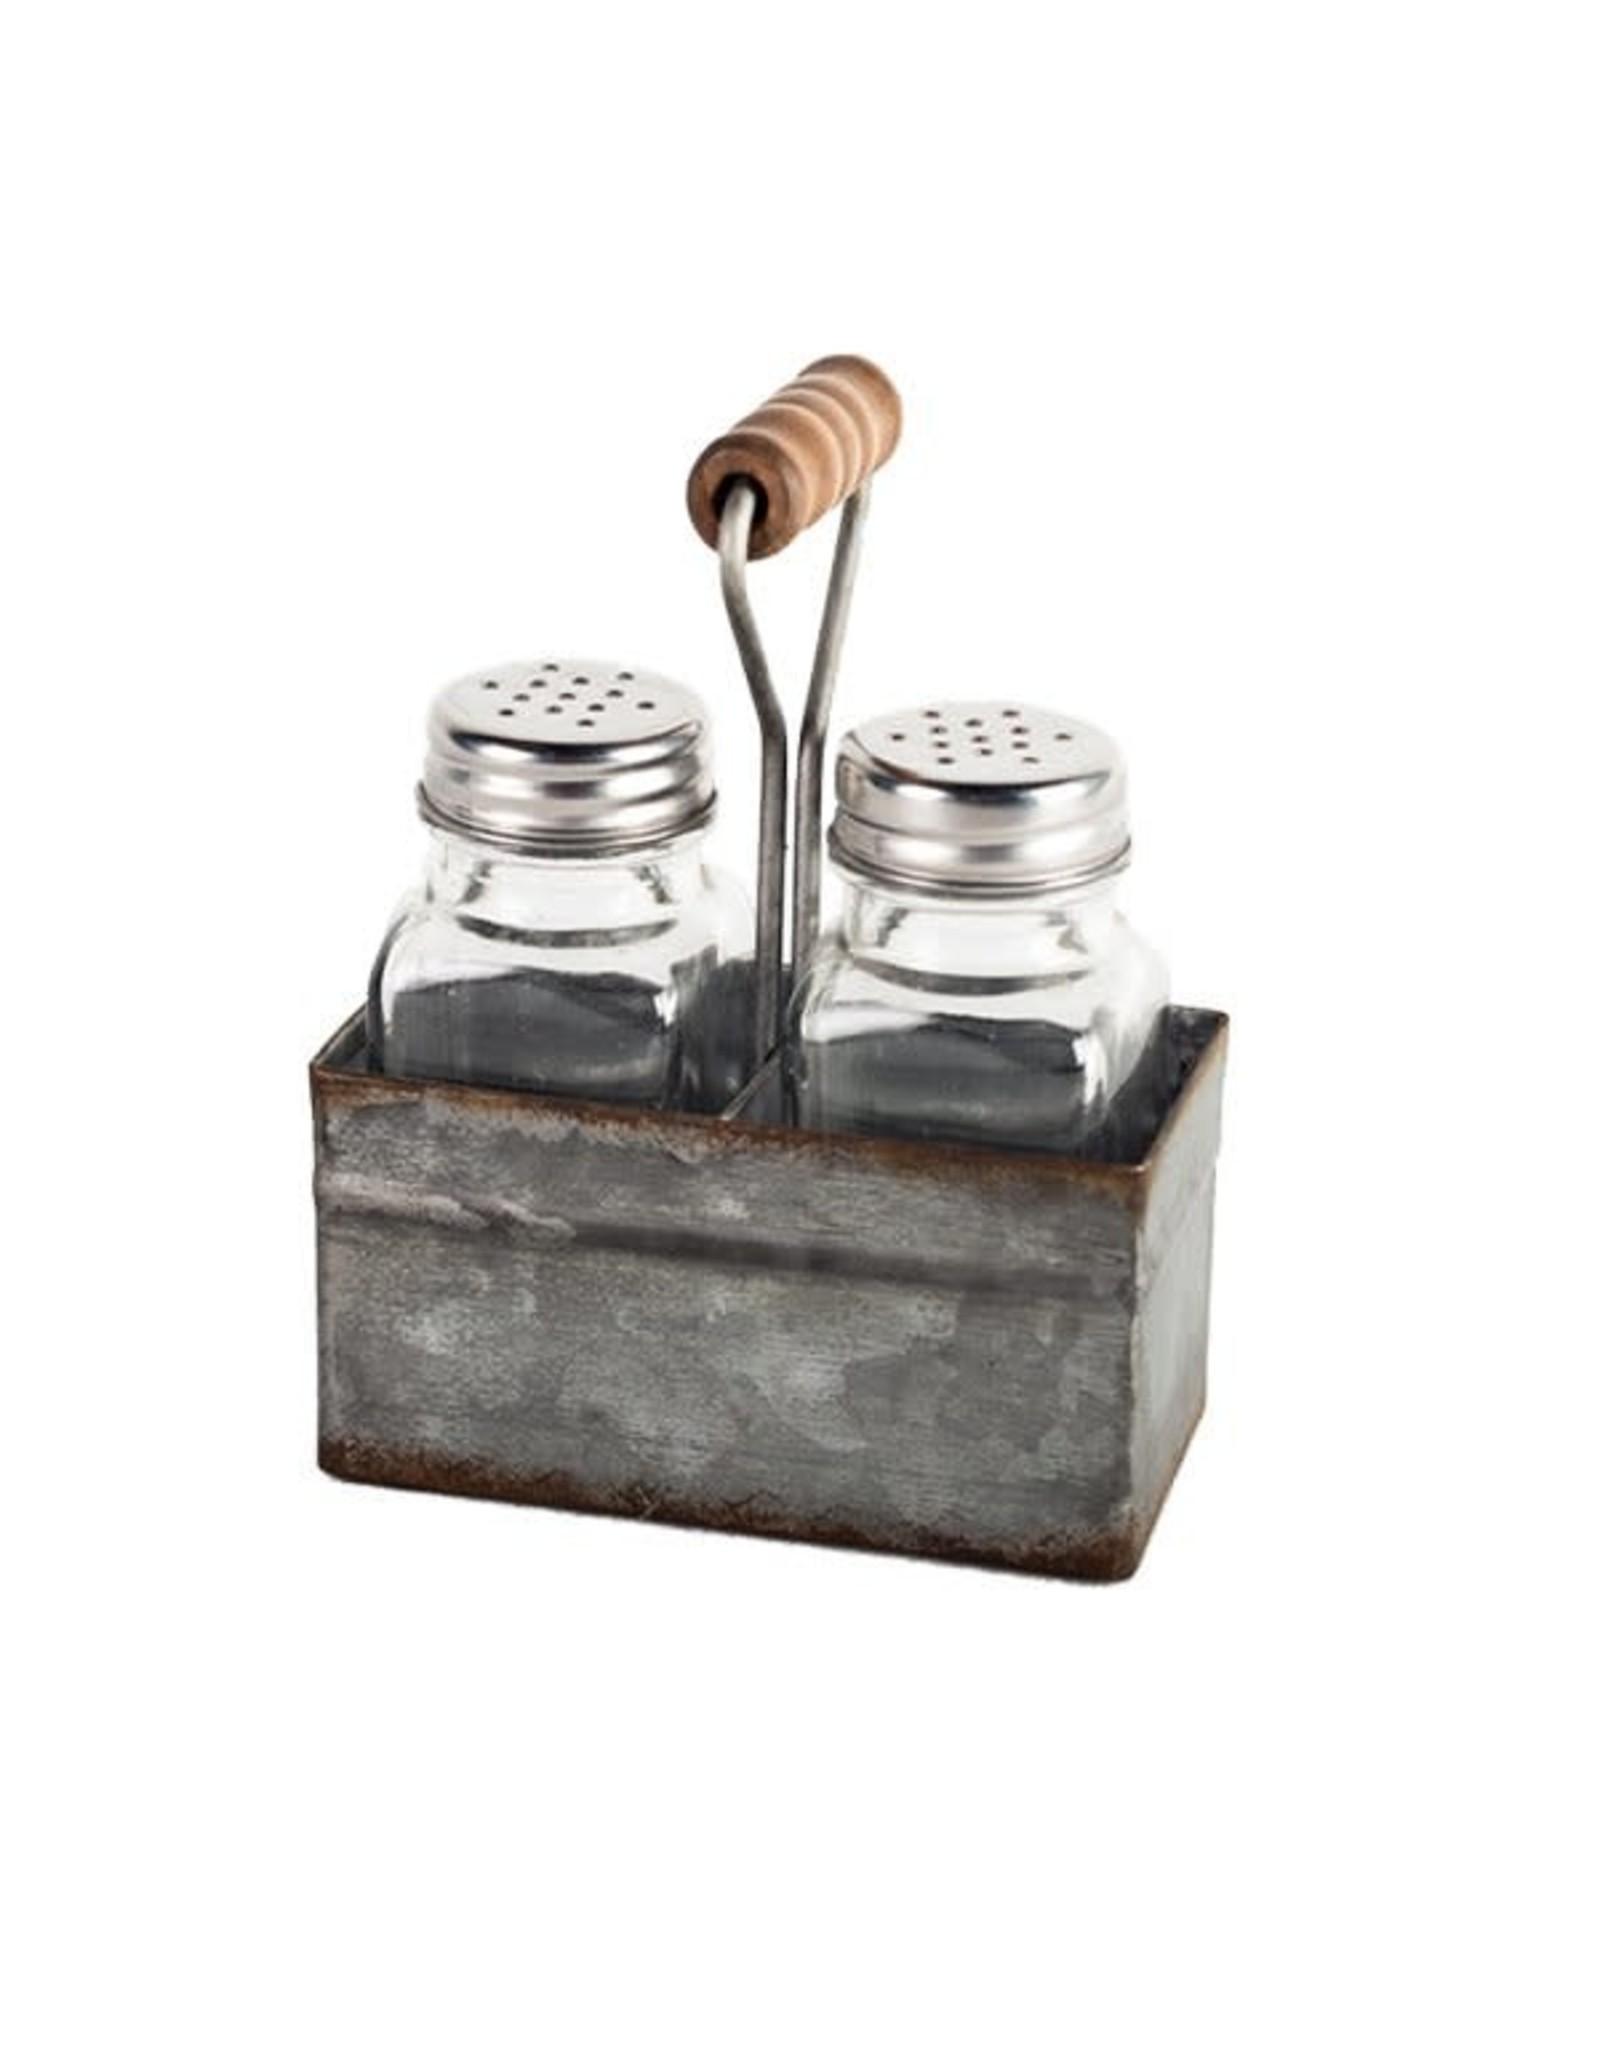 Salière et poivrière en verre sur base en métal avec poignée